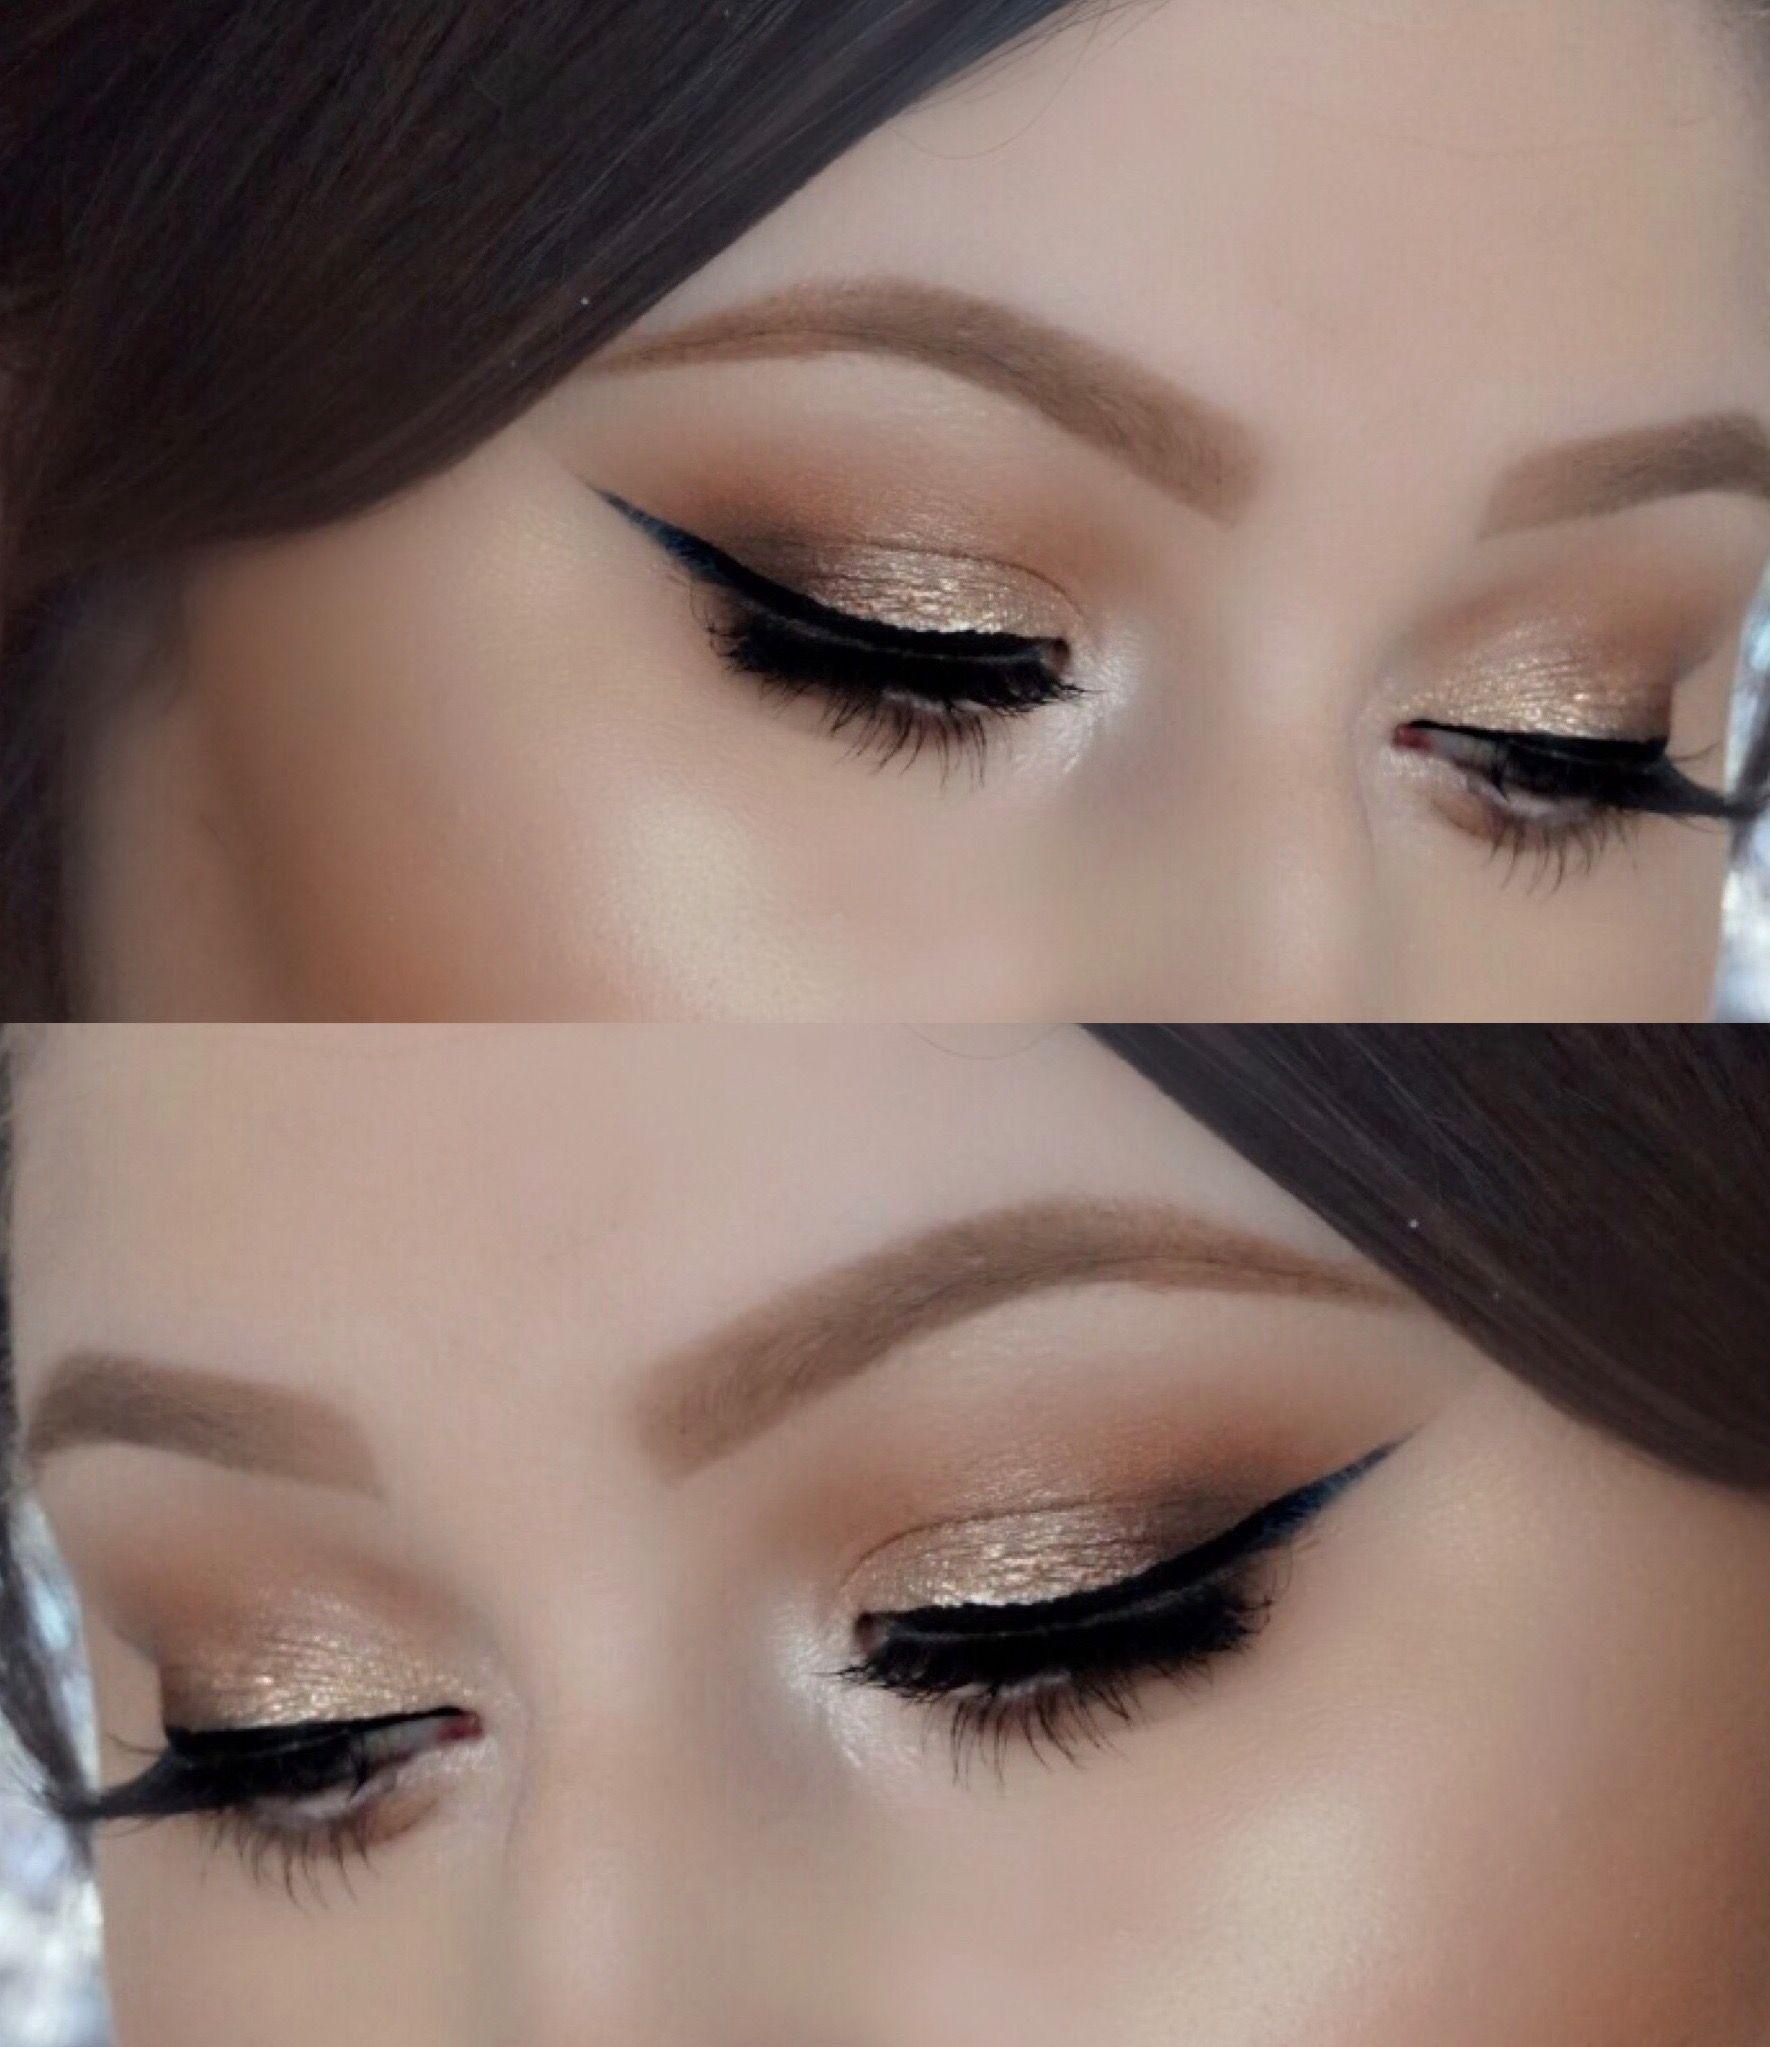 Bridal, bridal makeup, prom makeup, winged liner, natural